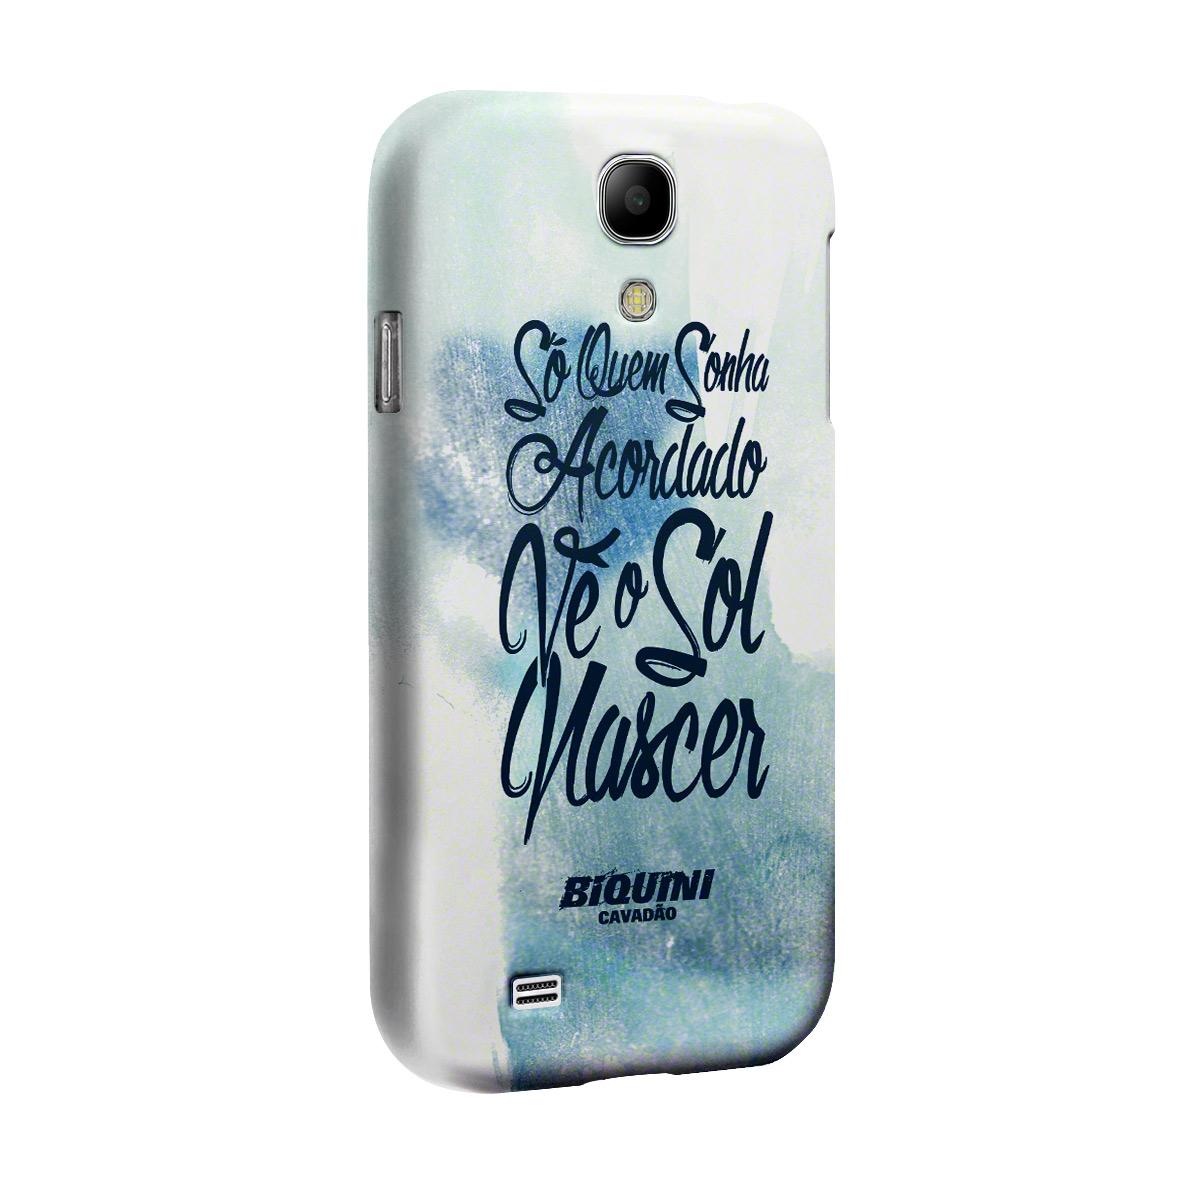 Capa para Samsung Galaxy S4 Biquini Cavadão Só Quem Sonha Acordado